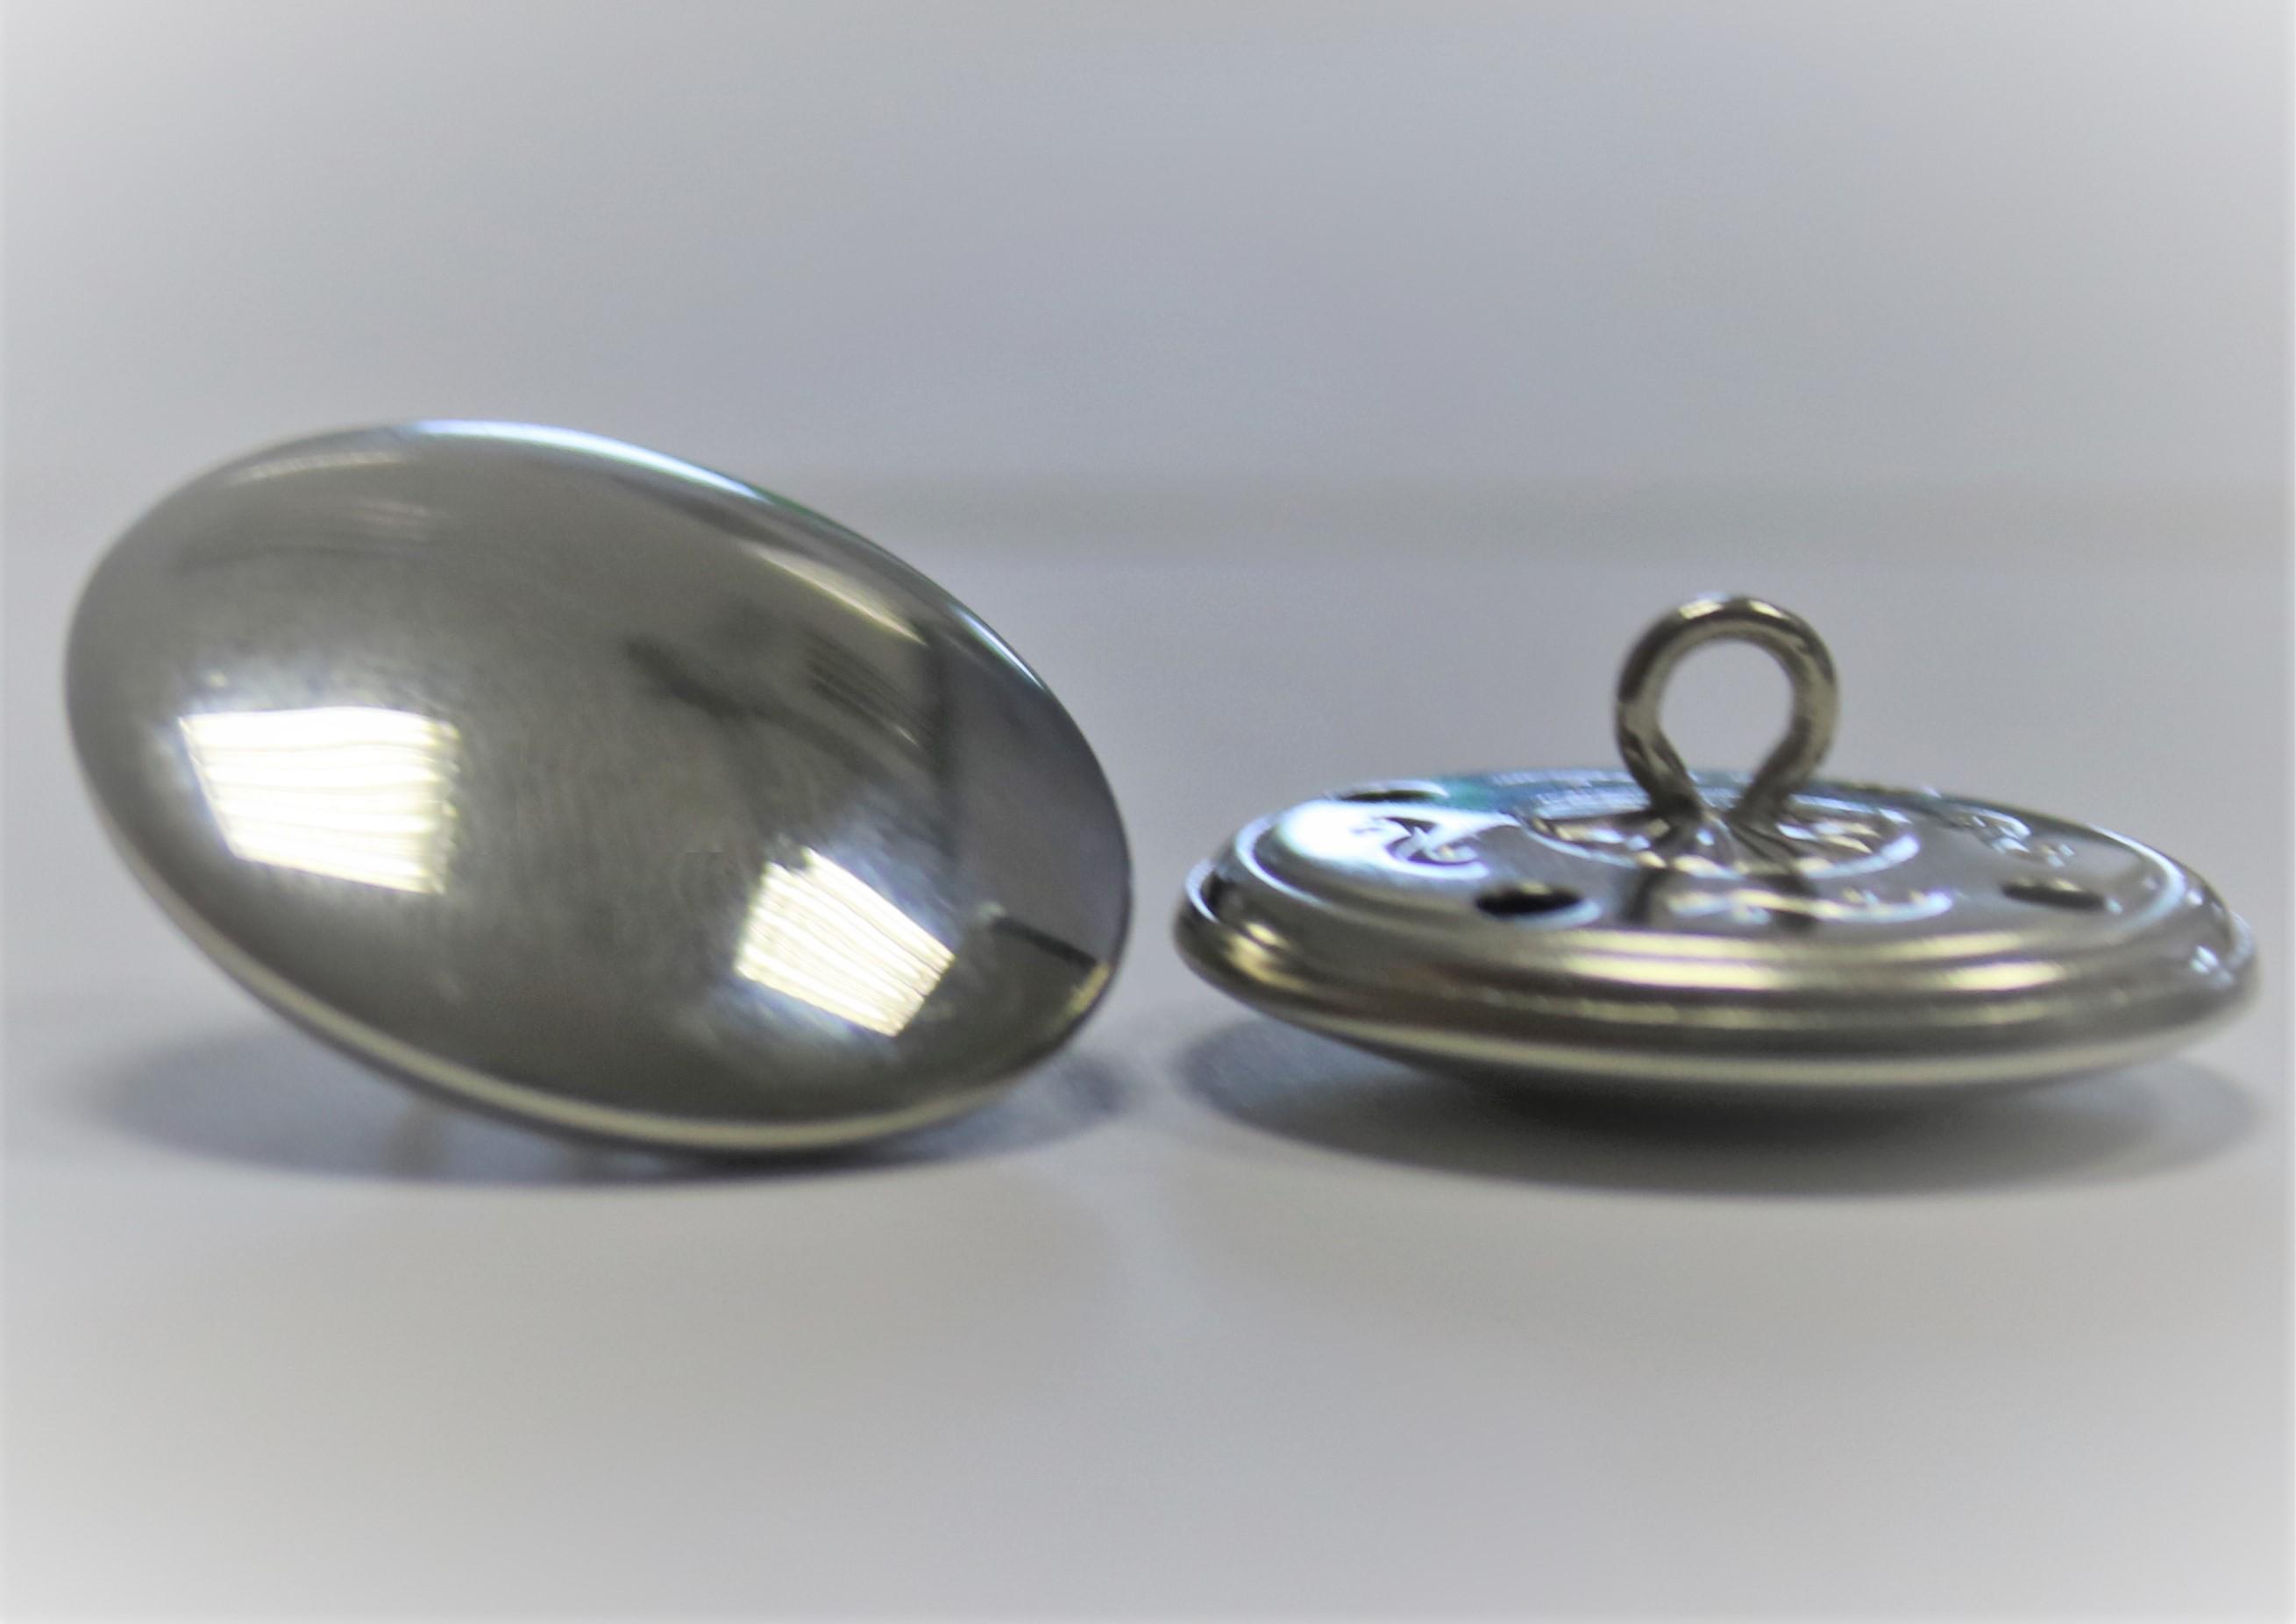 Silberknopf metall für Kittel Eppendorf und Düsseldorf